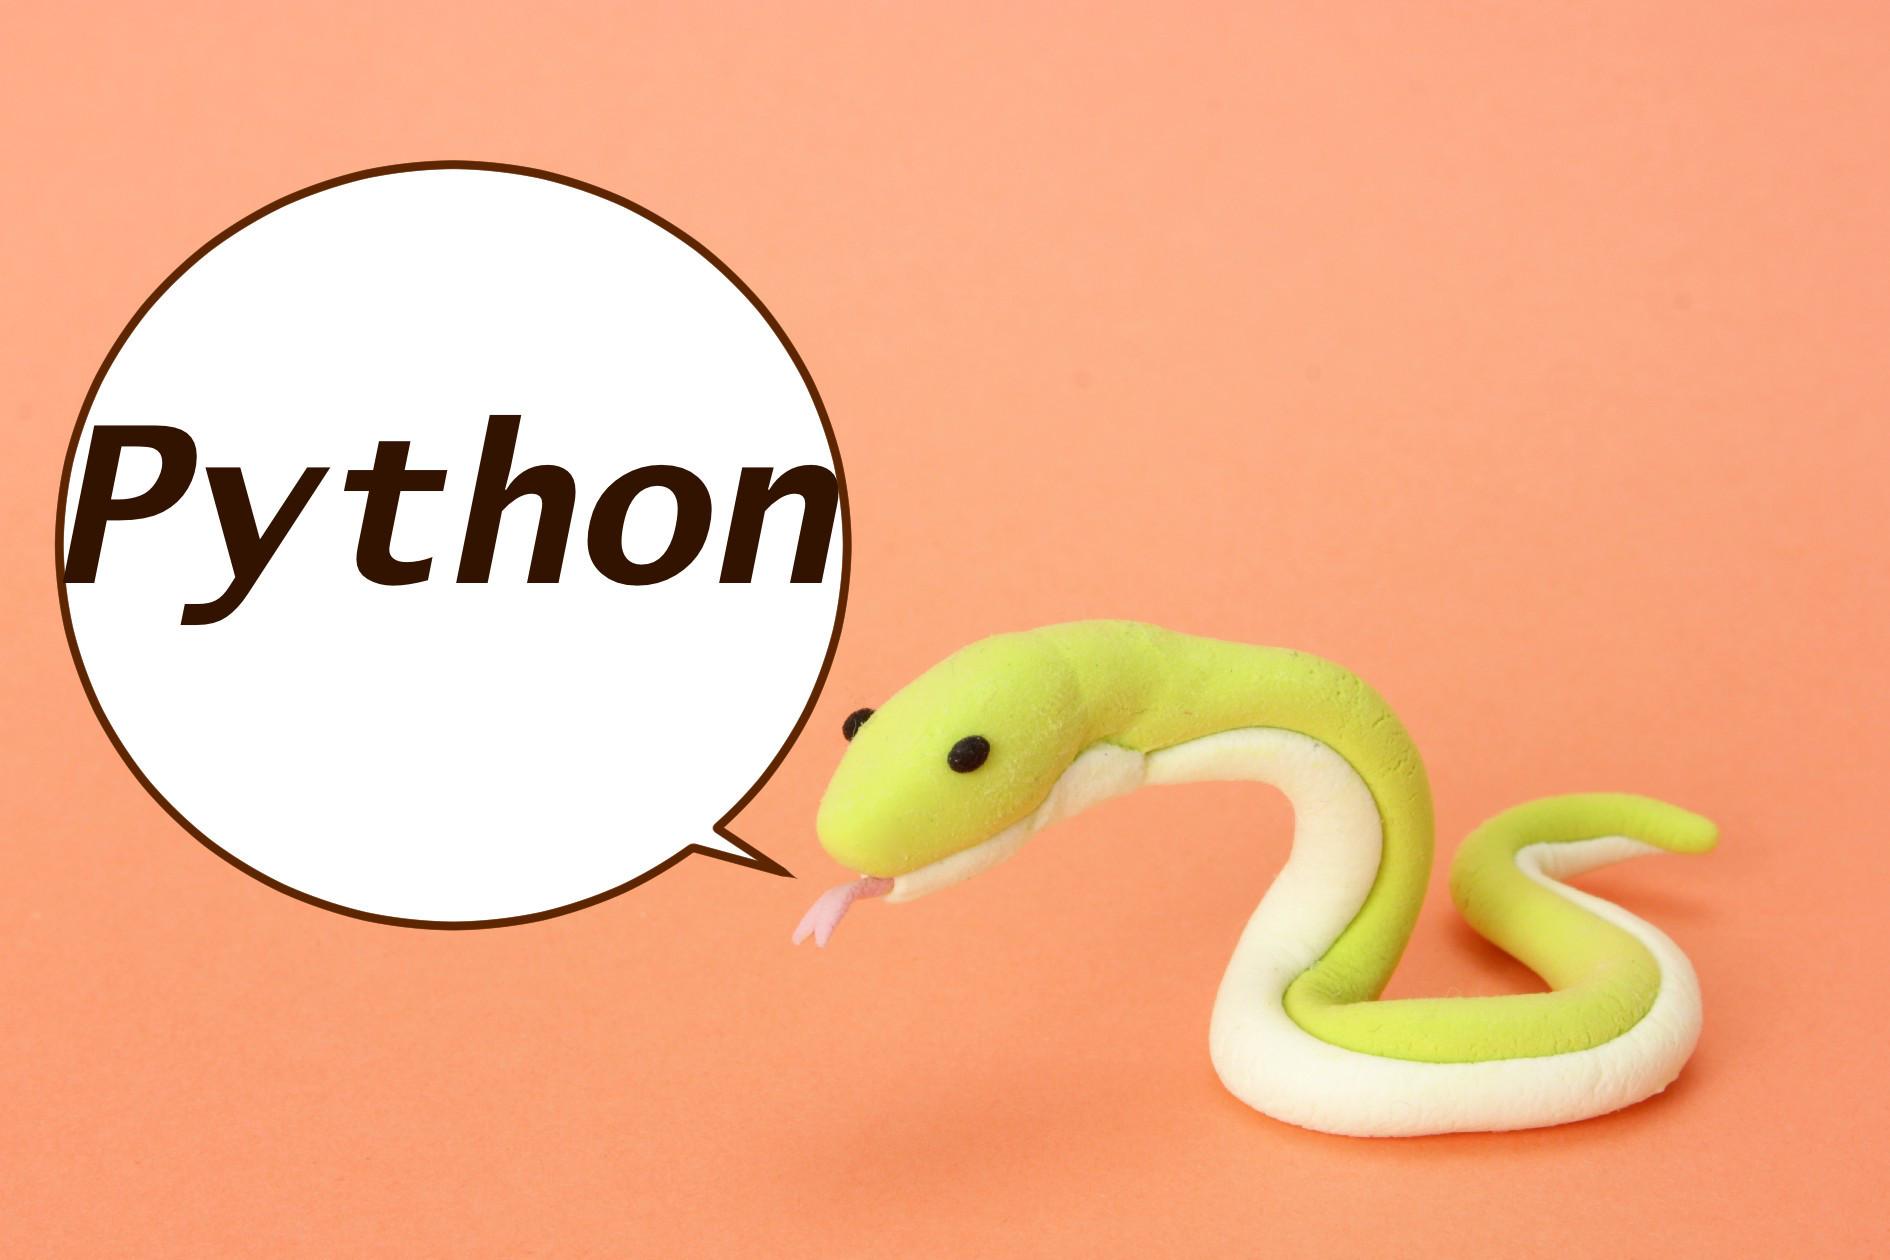 Python入門者が絶対に見ておきたいおすすめ書籍11選